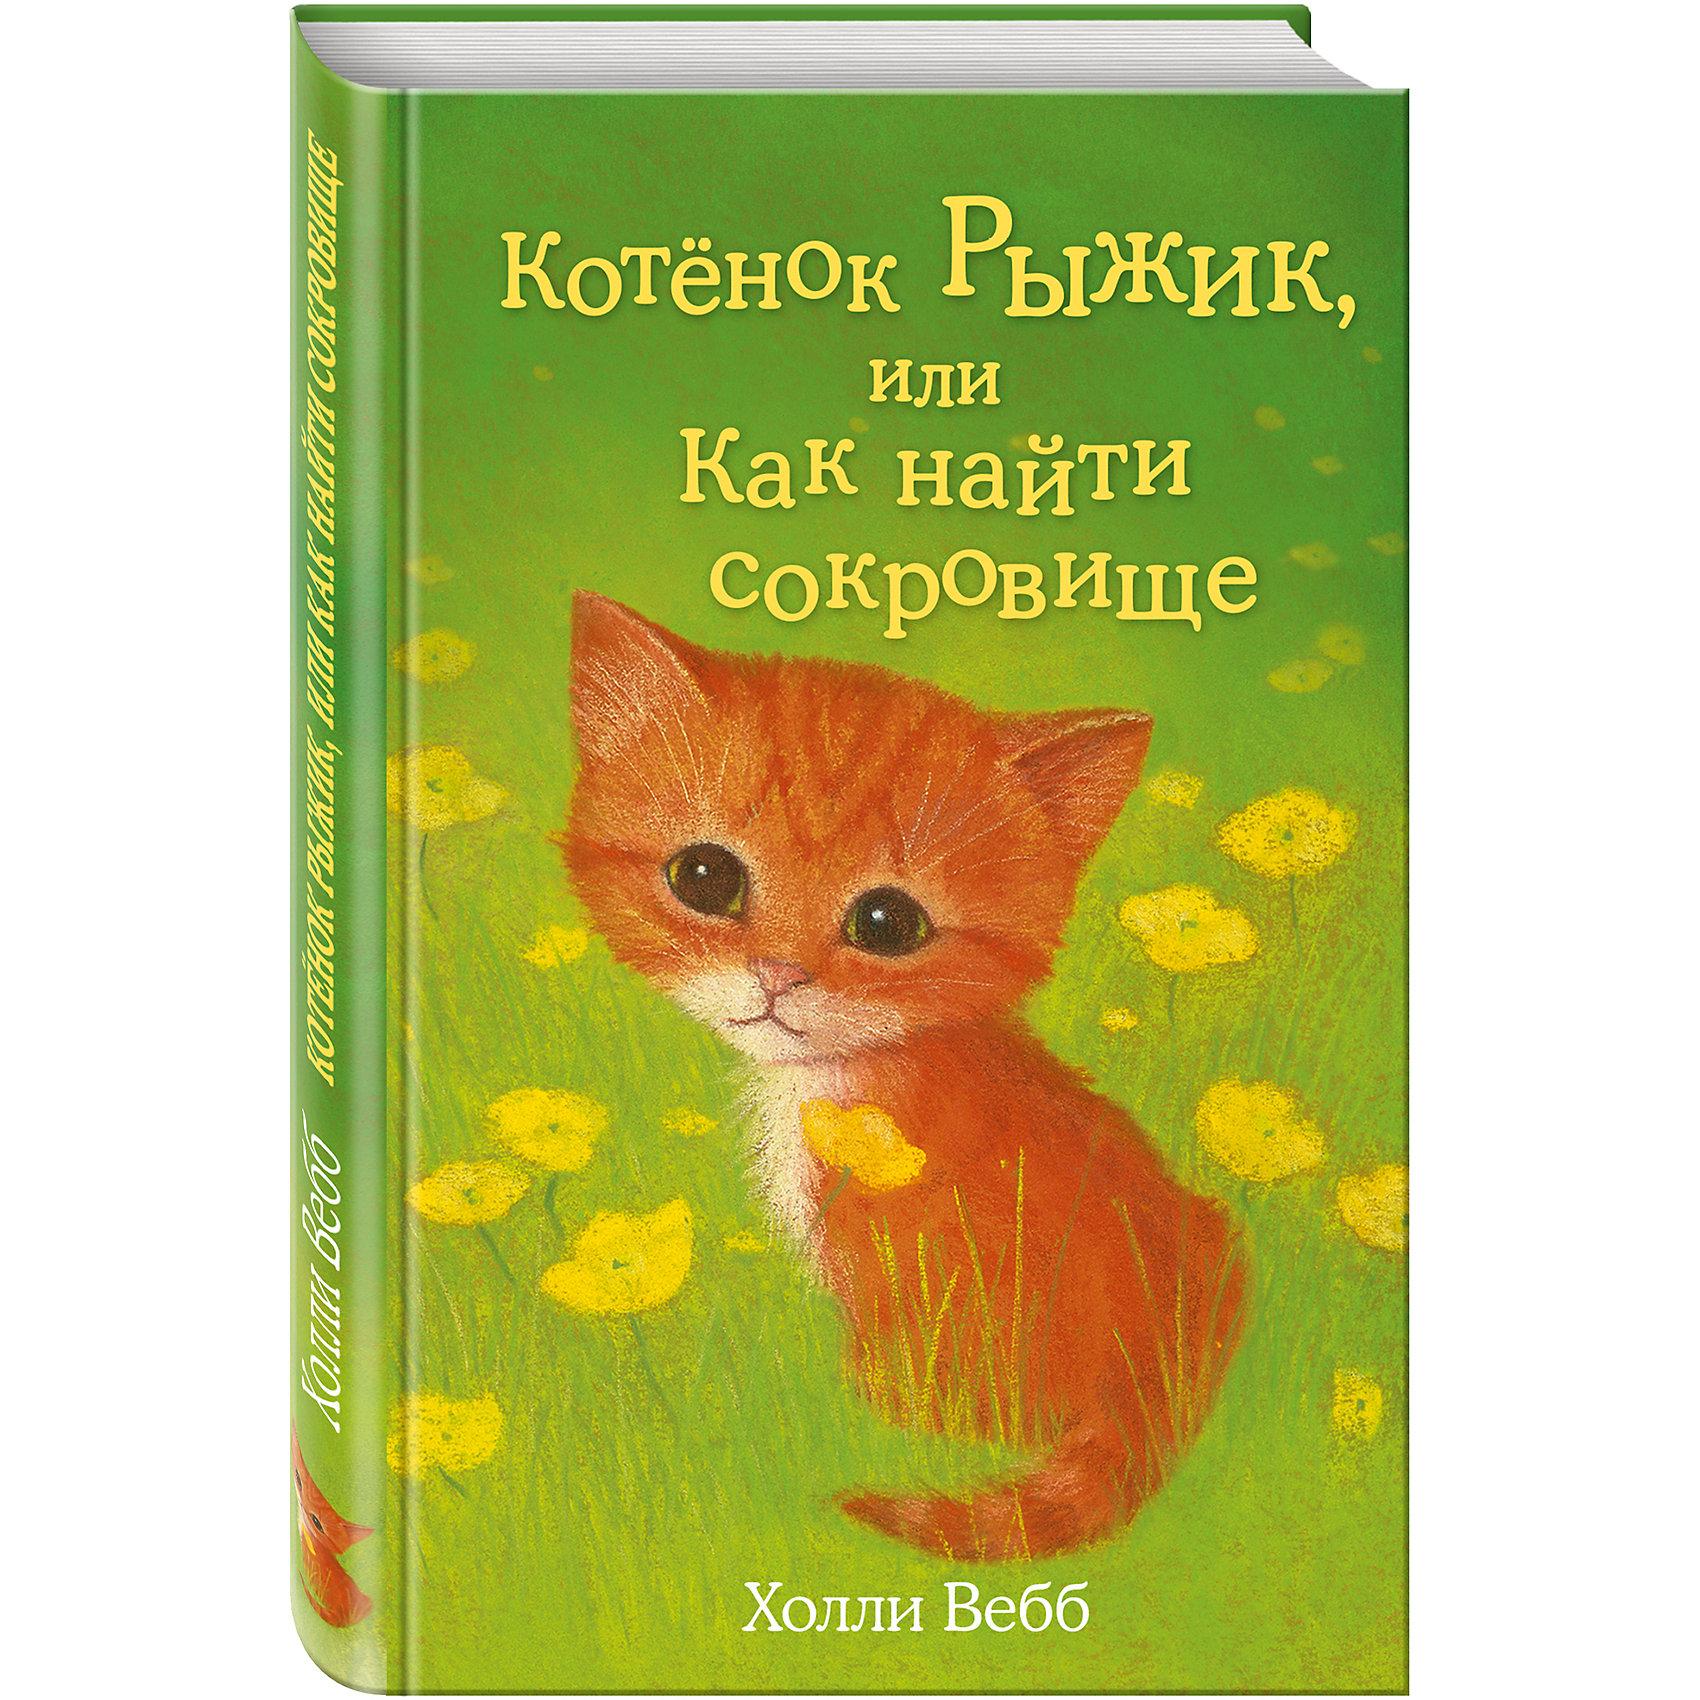 Котёнок Рыжик, или как найти сокровище?Зарубежные сказки<br>Девочка Рози давно мечтала о котенке, но мама никак не соглашалась. Так что Рози ходила на ферму неподалеку и наблюдала за живущими там котятами. Особенно ей приглянулся один, ярко-рыжий, которого она про себя так и назвала – Рыжик. Но однажды ферму продали, а всех кошек забрали сотрудники приюта. Рози очень испугалась, что никогда больше не увидит Рыжика, и даже уговорила маму взять его к себе. Но, когда они приехали в приют, оказалось, что Рыжика там нет! <br>Куда же он пропал? И где его искать? Неужели маленькое рыжее счастье не поселится в доме у Рози?<br><br>Ширина мм: 200<br>Глубина мм: 125<br>Высота мм: 12<br>Вес г: 256<br>Возраст от месяцев: 36<br>Возраст до месяцев: 72<br>Пол: Унисекс<br>Возраст: Детский<br>SKU: 4753485